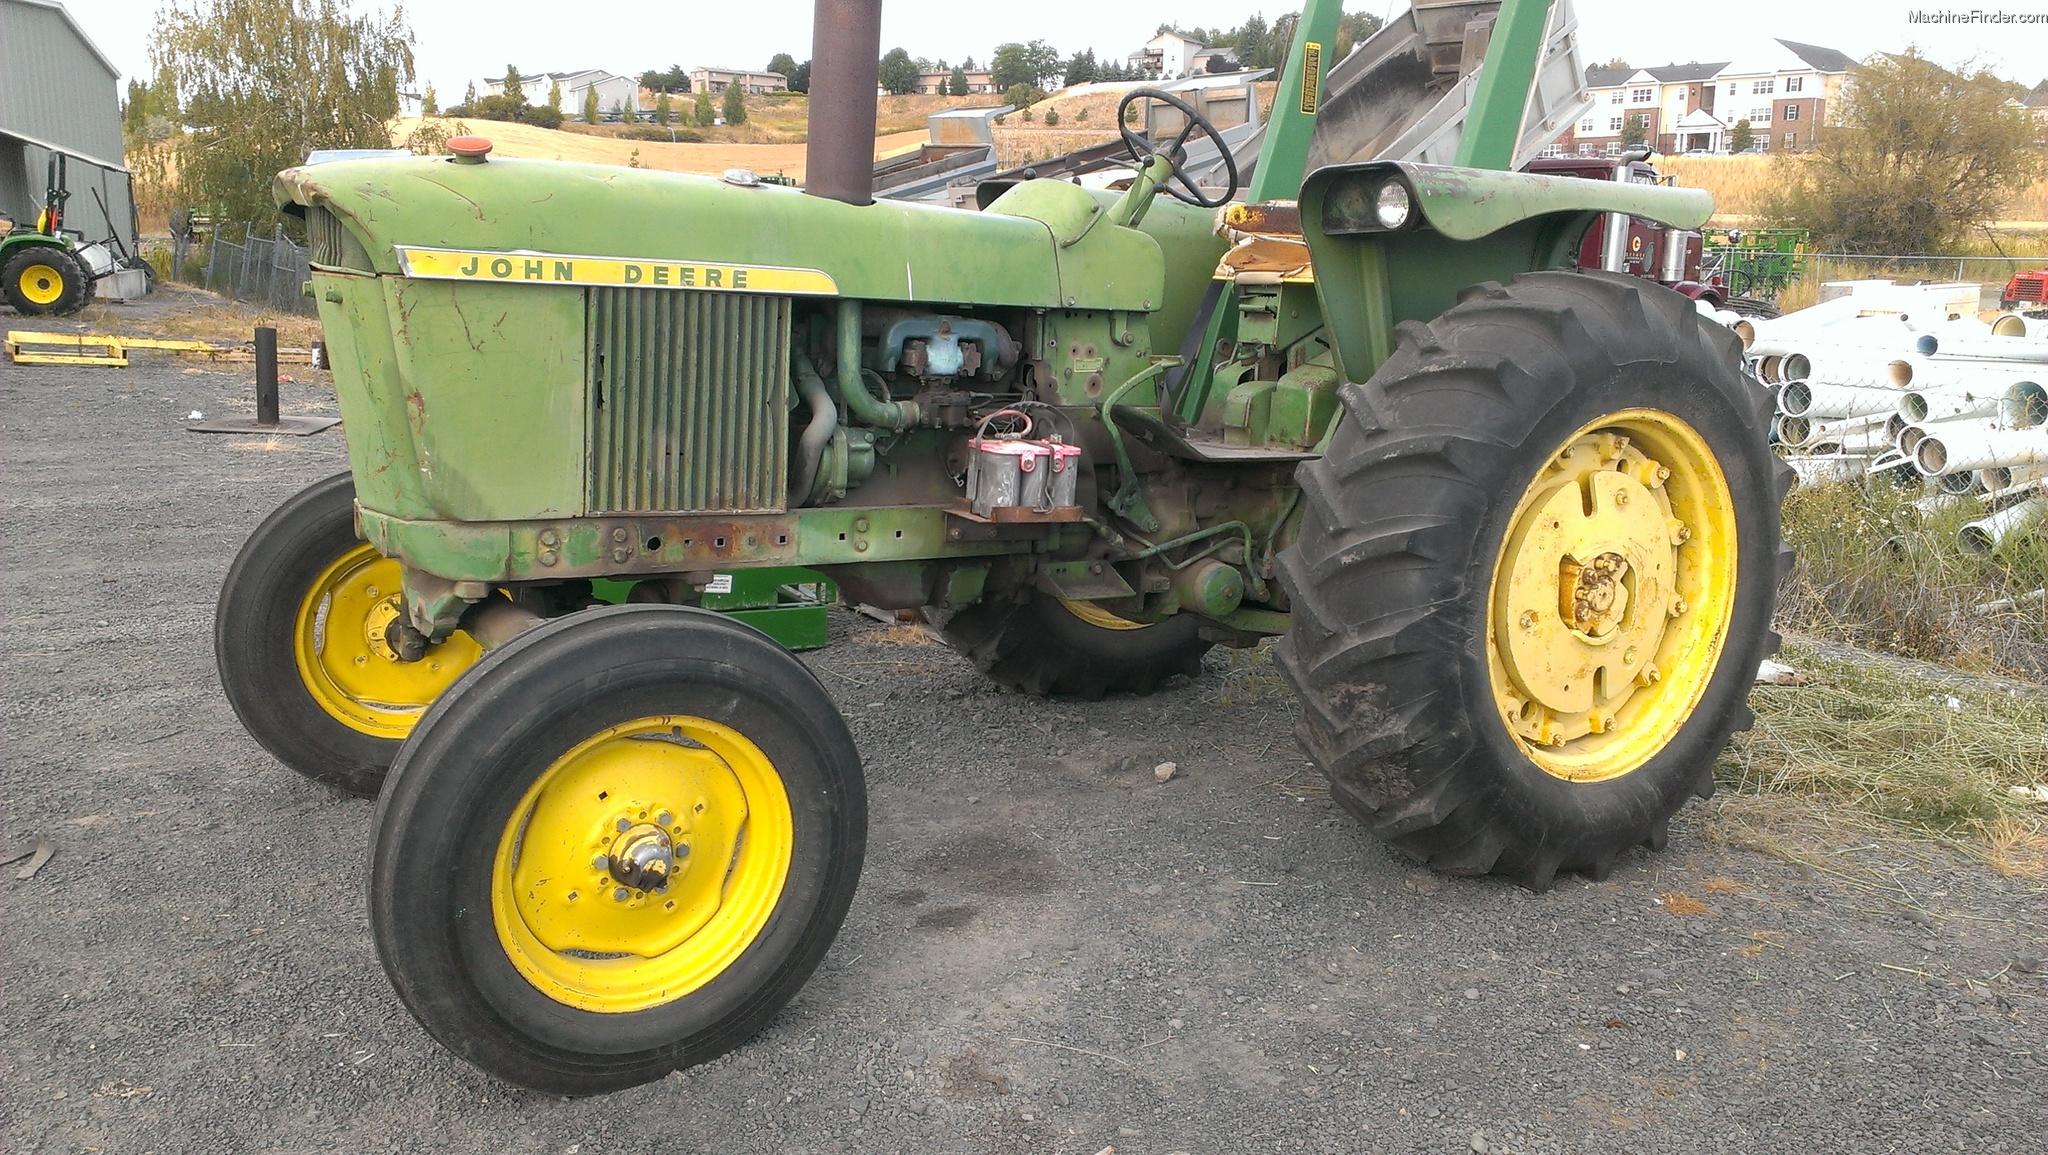 1967 John Deere 3020 Tractors - Row Crop (+100hp) - John ...